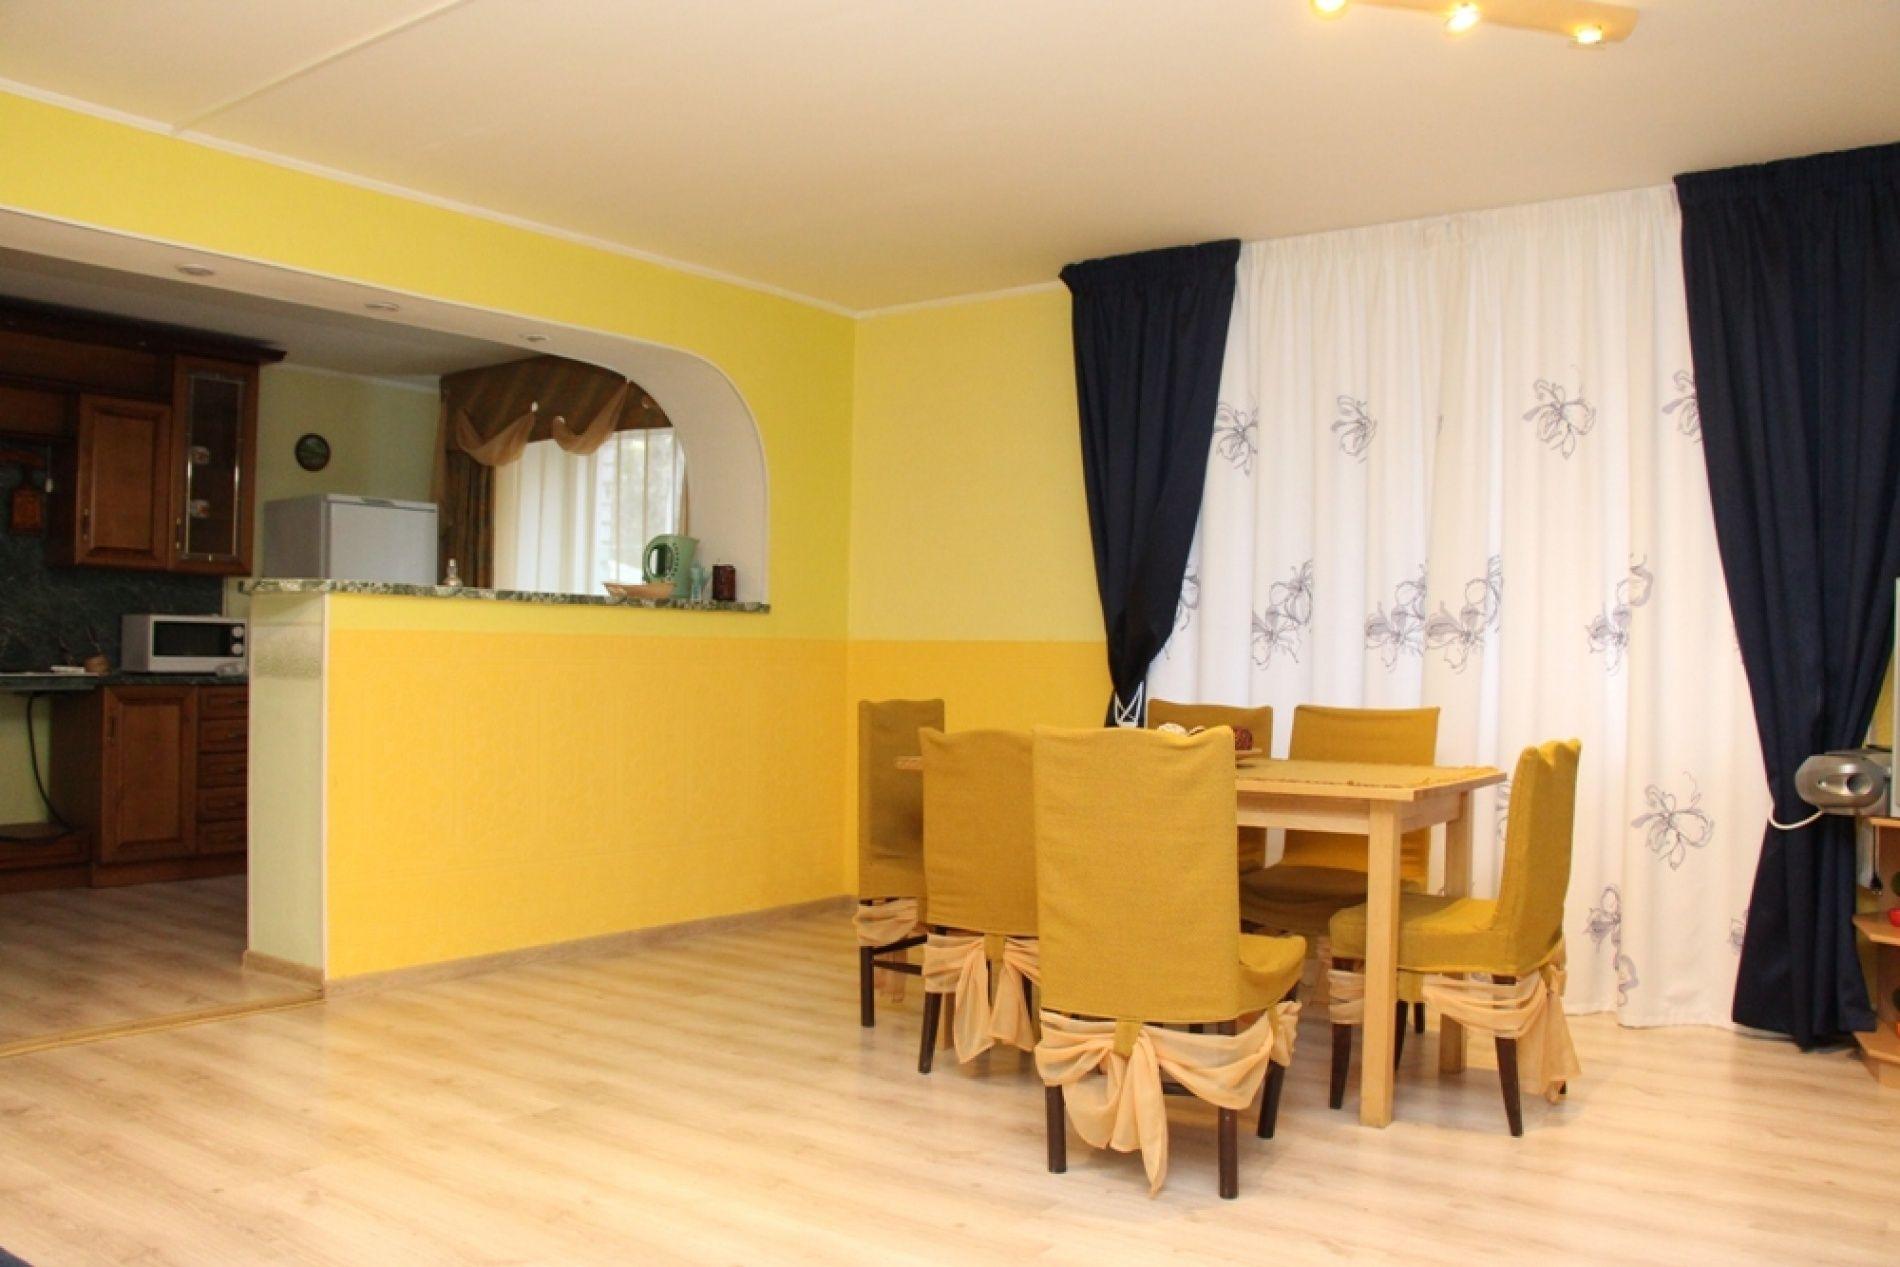 База отдыха «Залив» Нижегородская область Номер VIP (91 кв.м) с сауной, фото 3